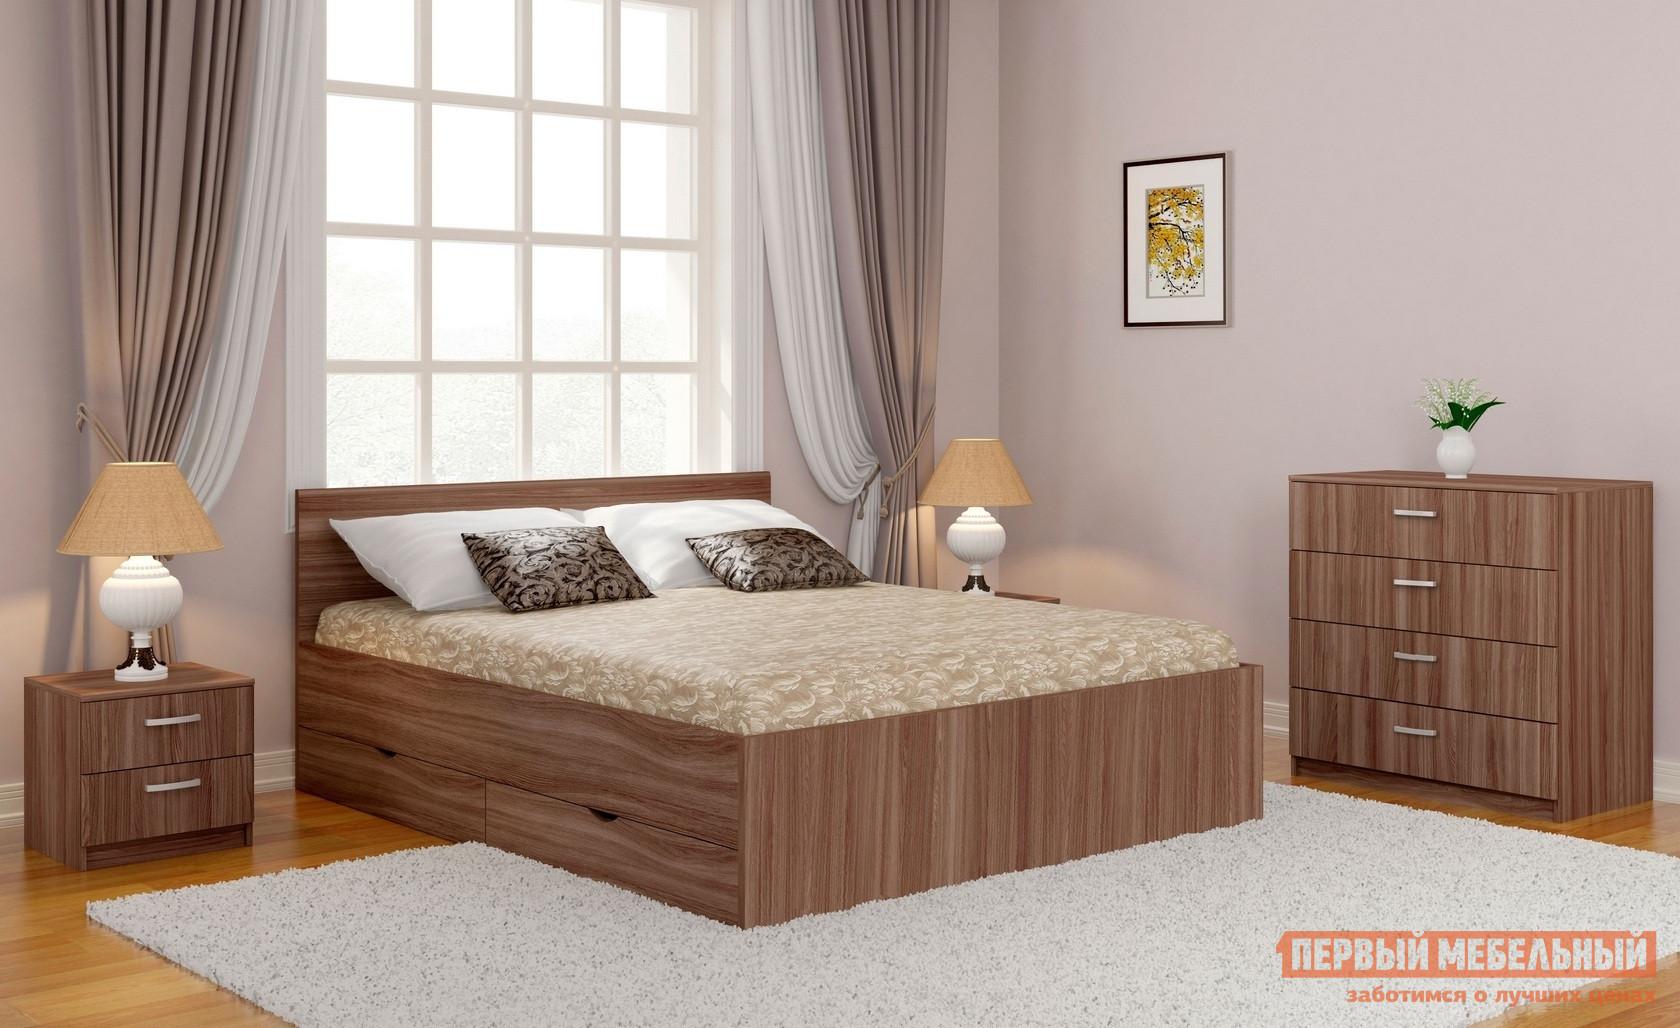 Односпальная кровать Боровичи Дрим